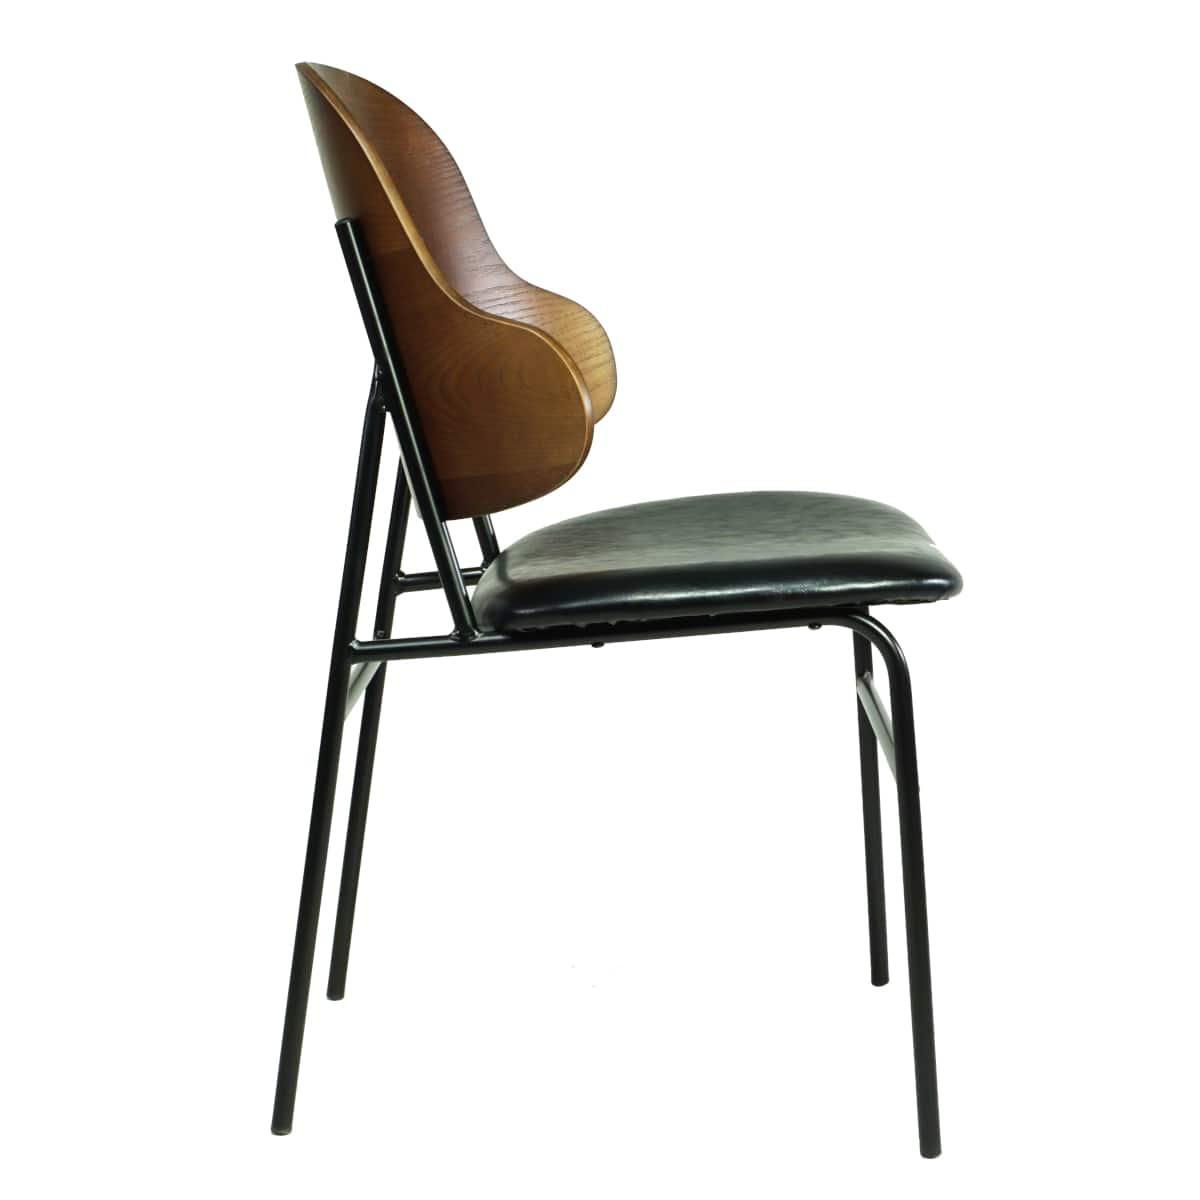 Mid Centry Design Stuhl mit Formholz wie Eames es nutze